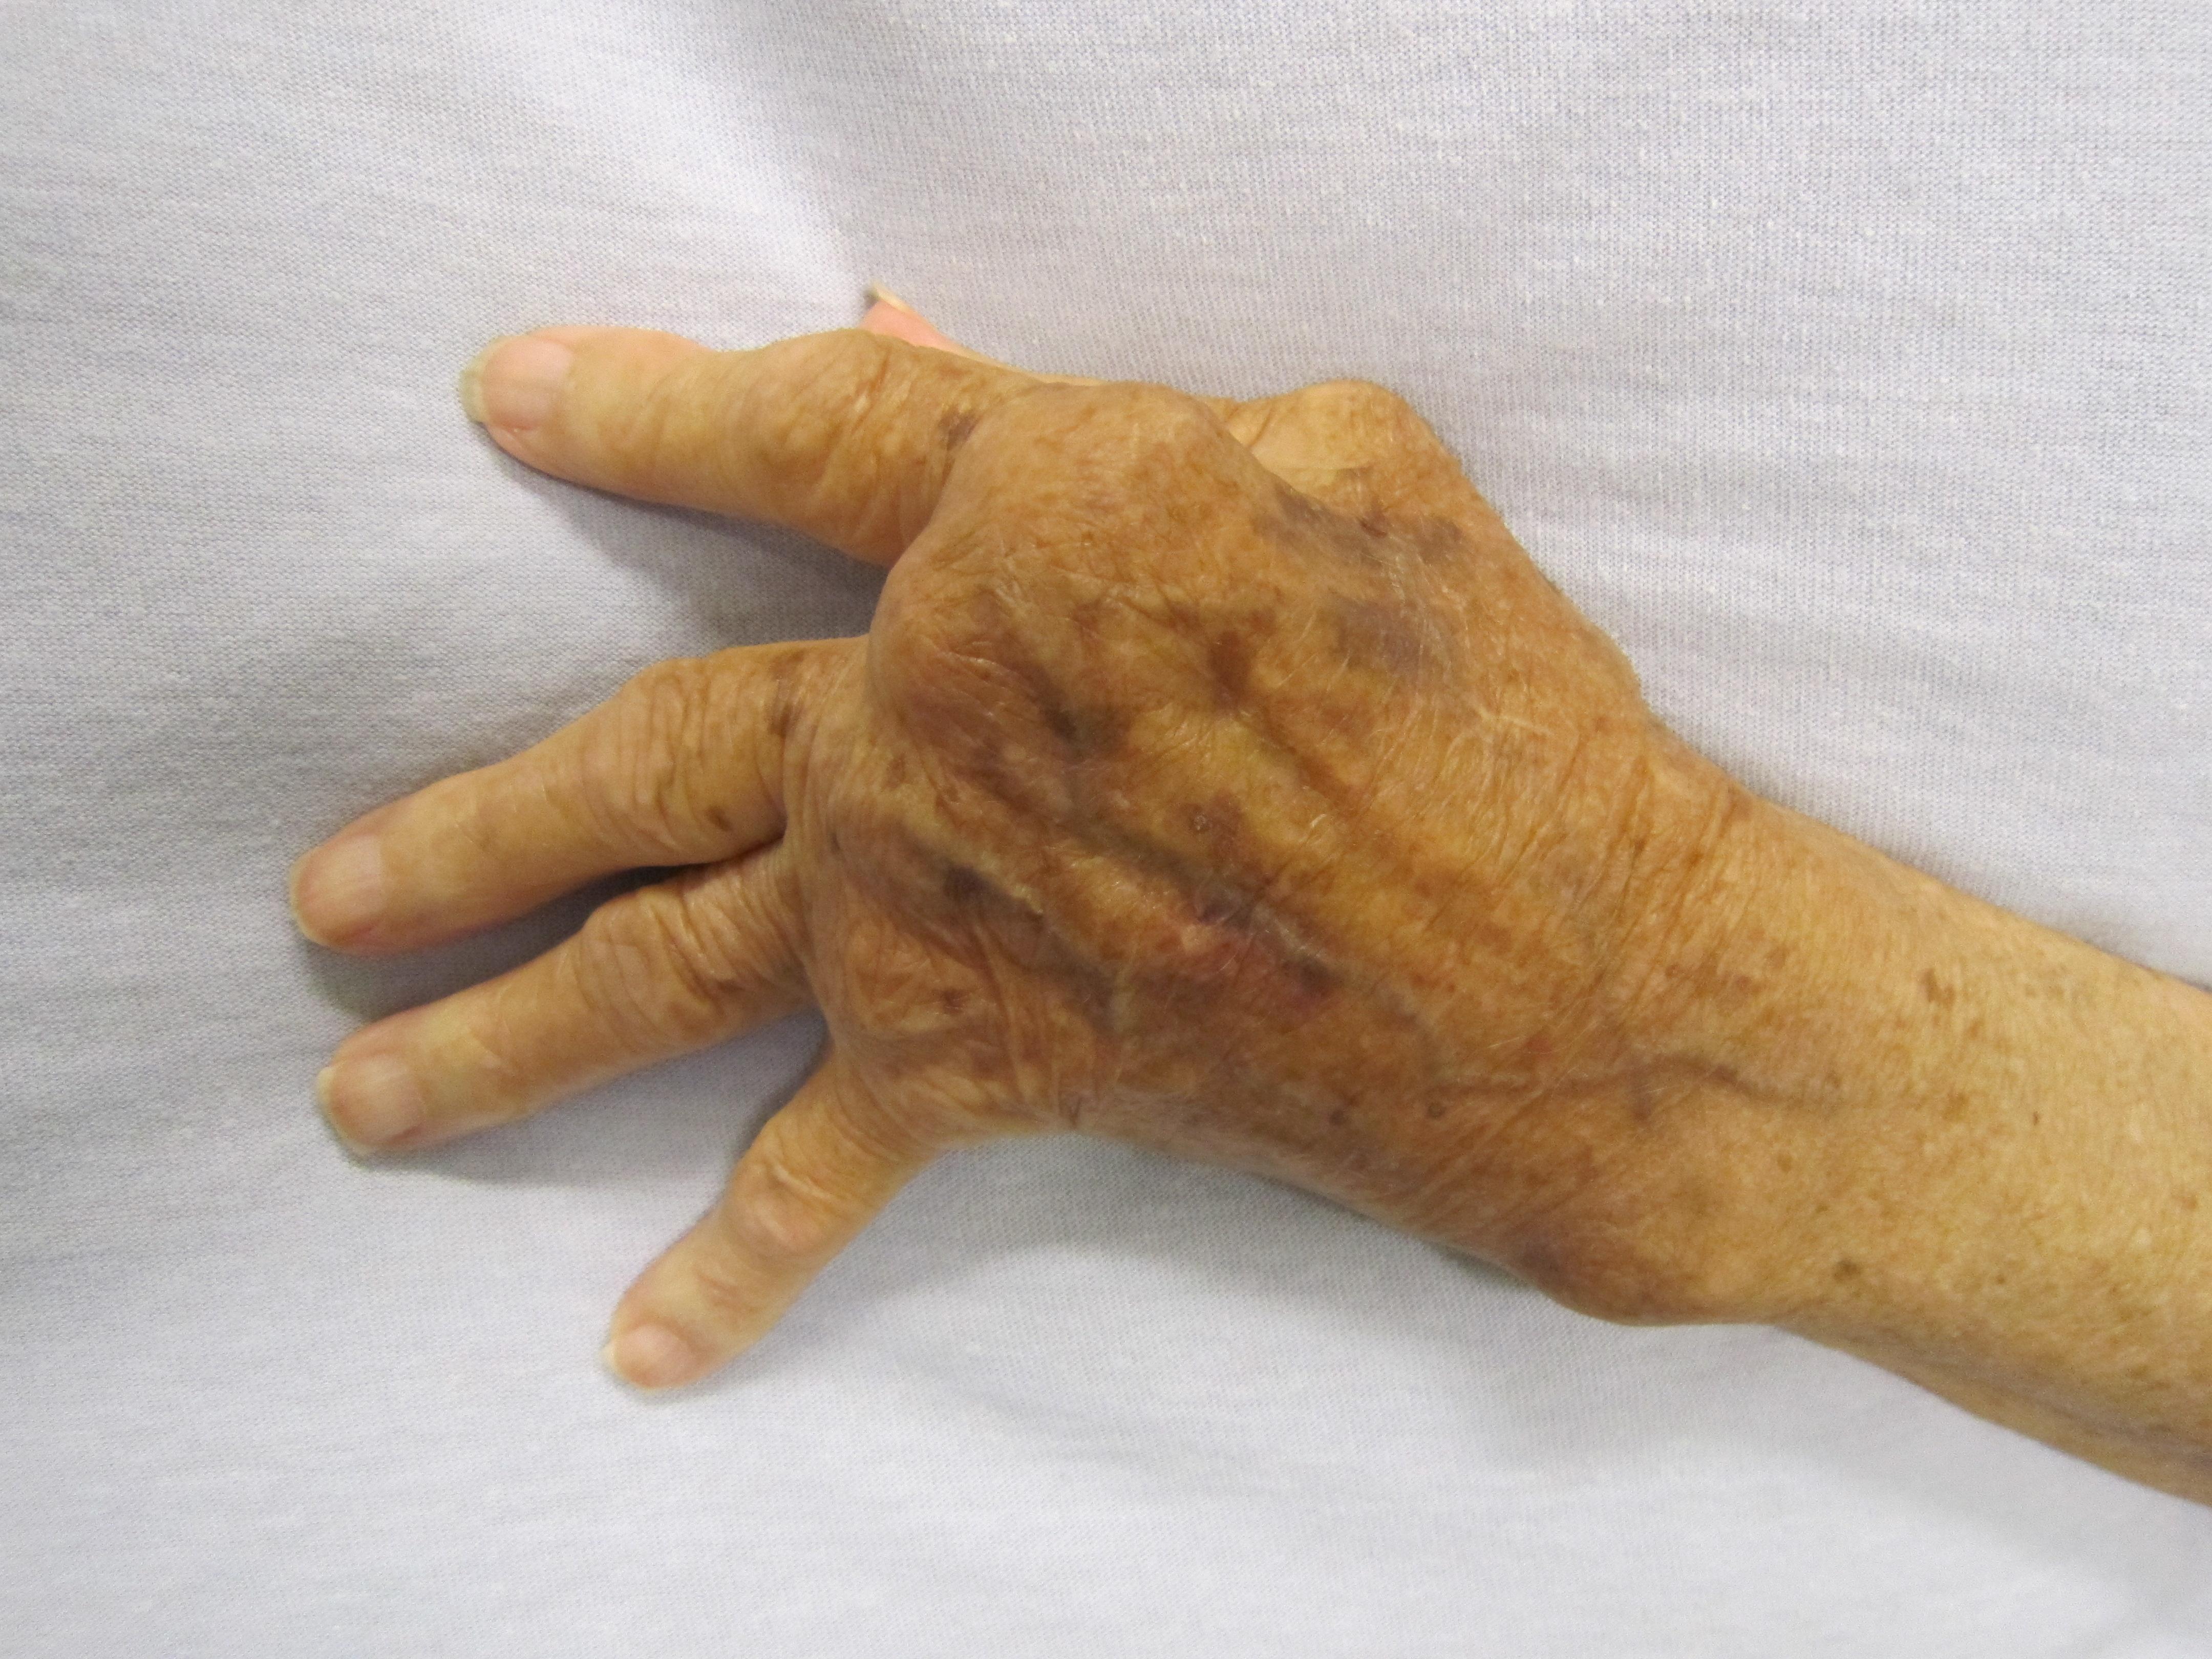 miért fáj a jobb kéz középső ujjának ízülete left first mtp osteoarthritis icd 10